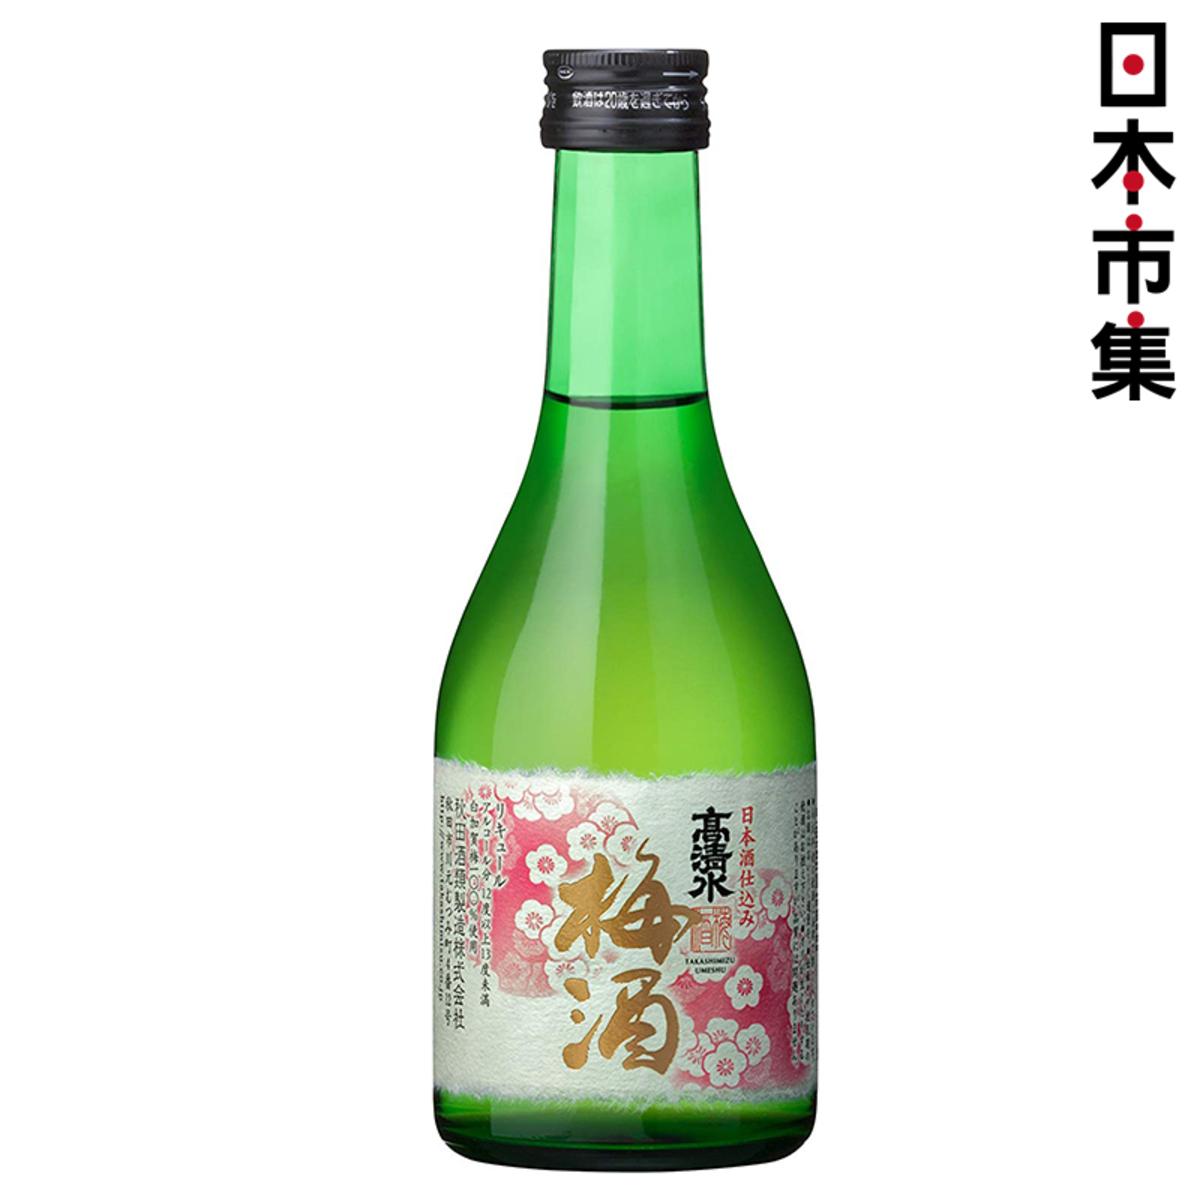 日版 高清水 秋田梅酒 300ml【市集世界 - MOAN】